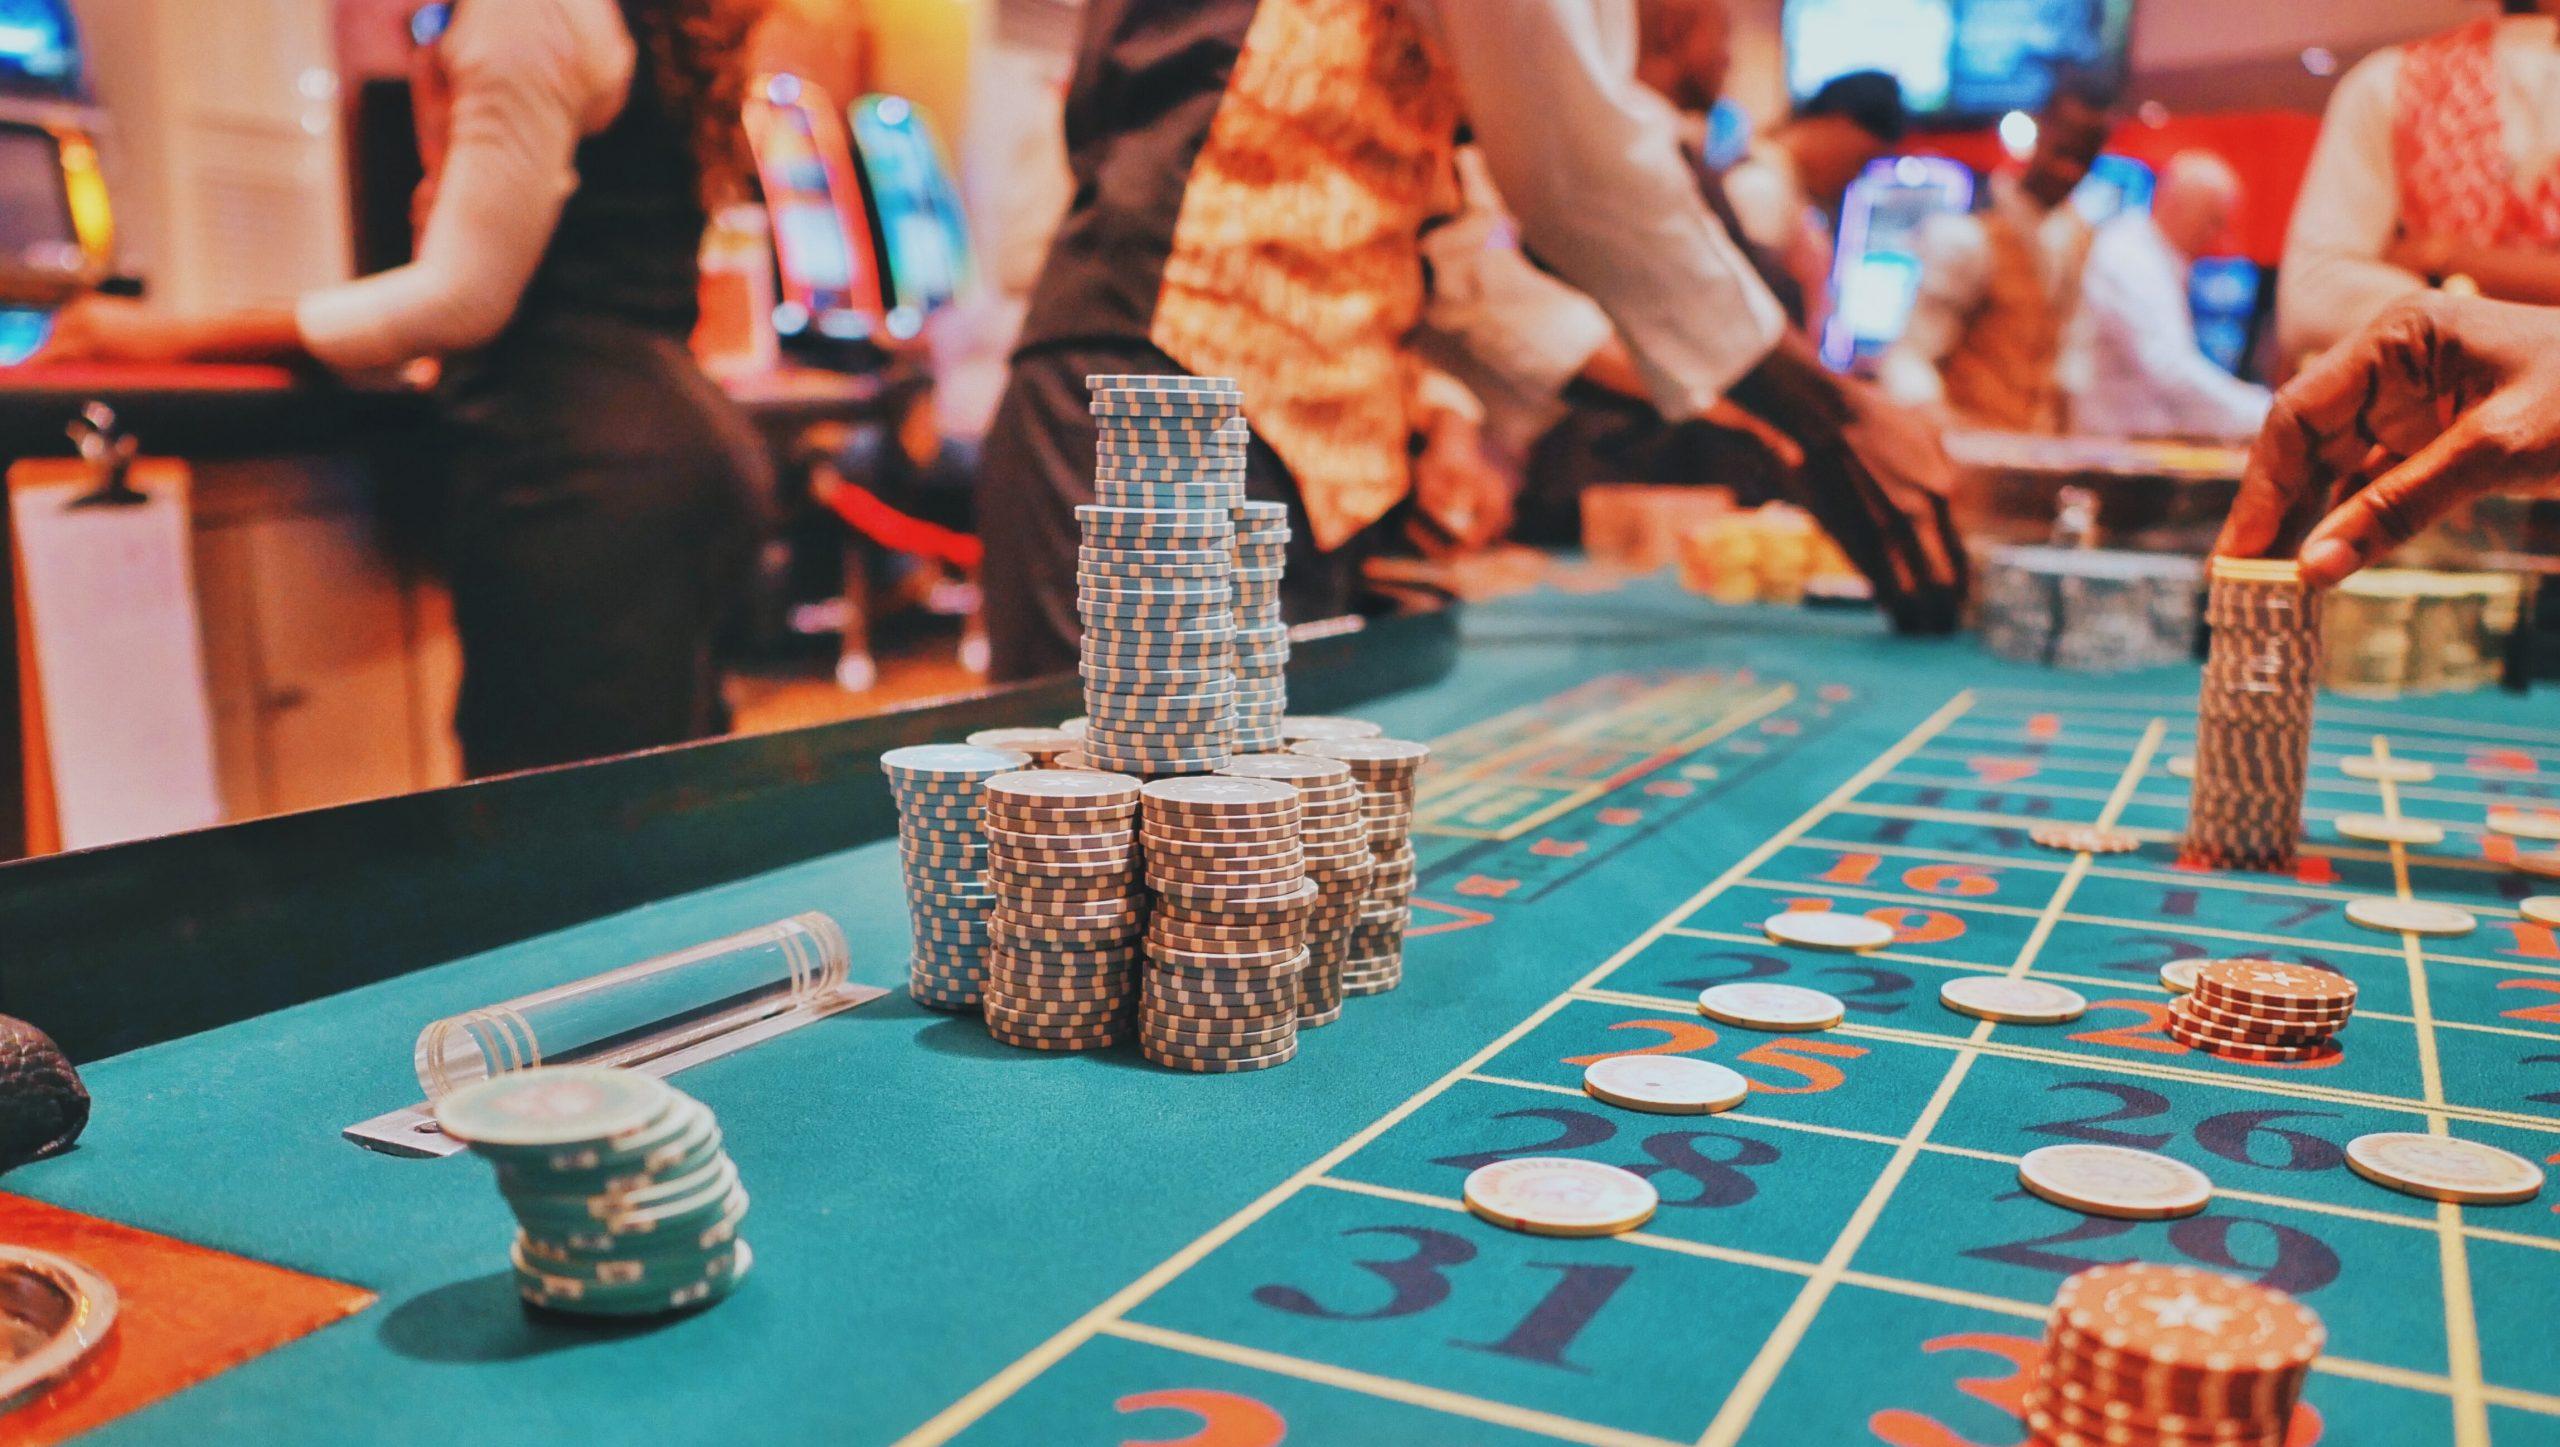 우리카지노 Has A Huge Variety Of Casino Games To Fulfill Wide Choices